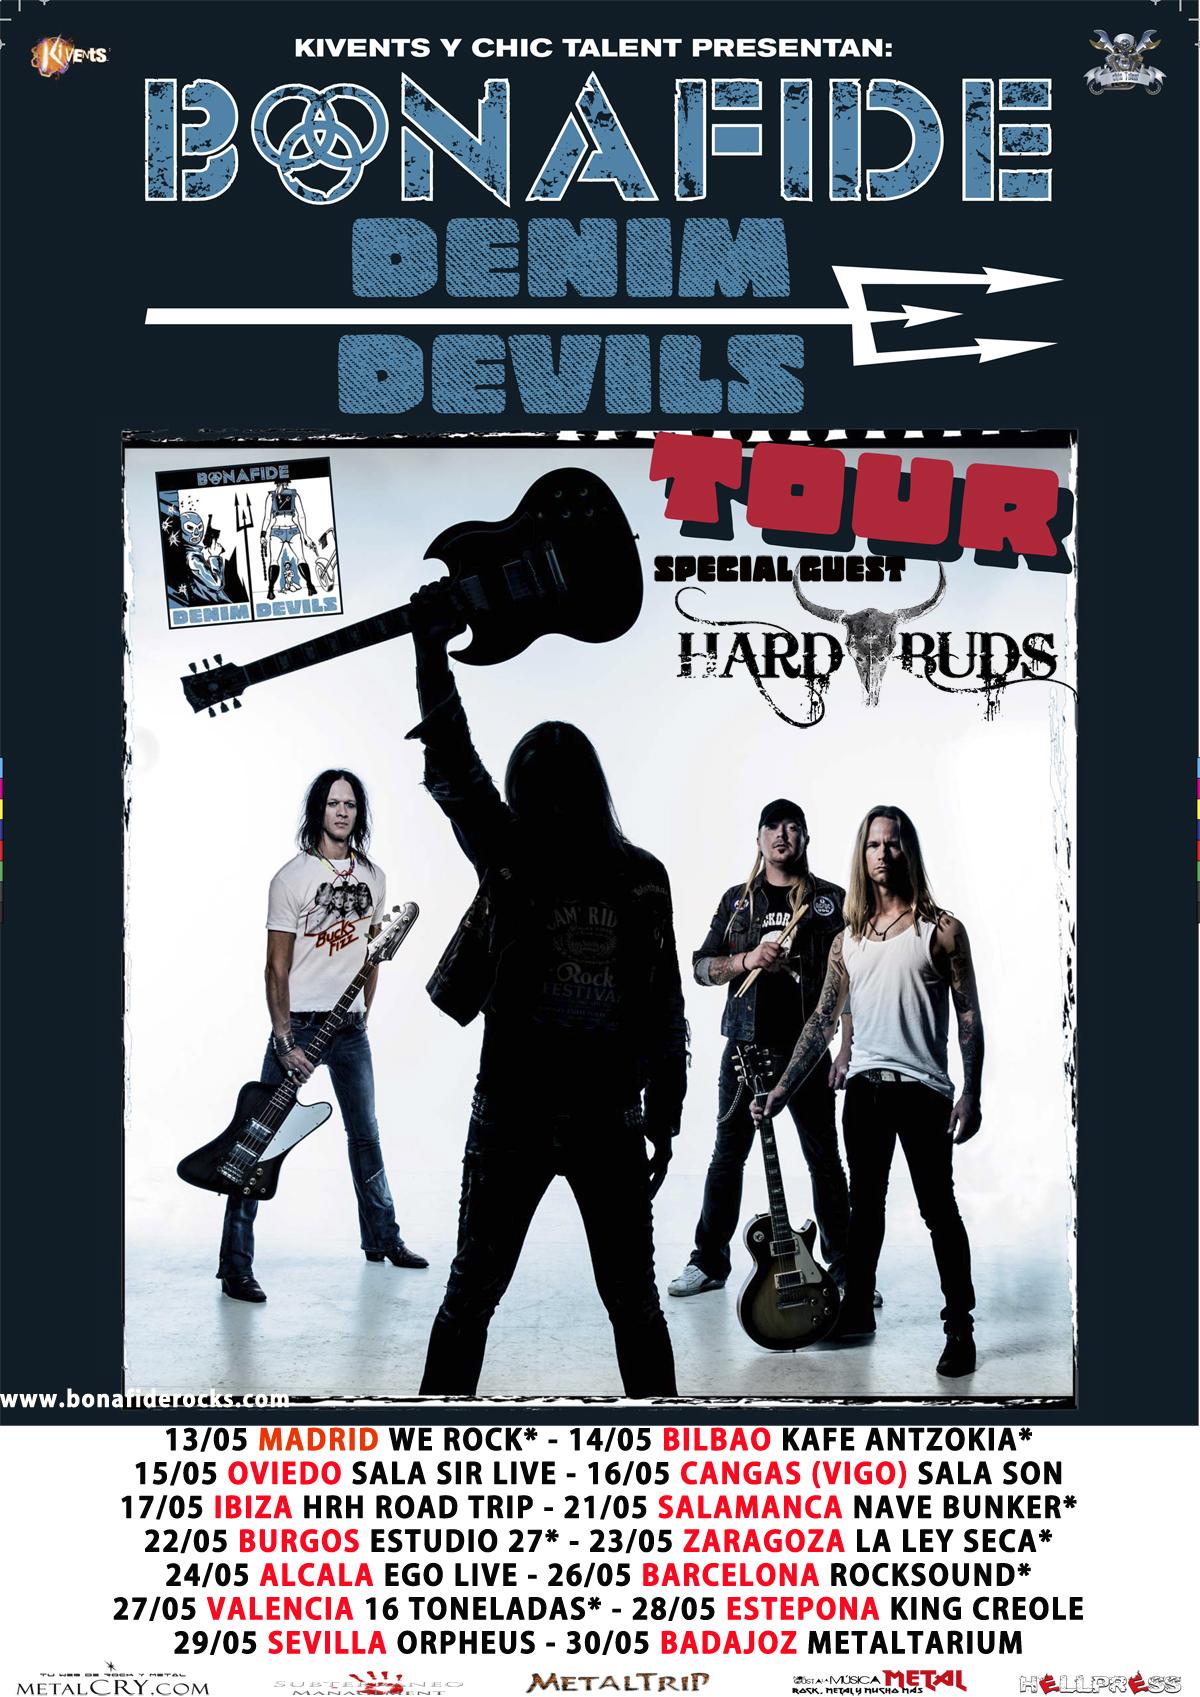 Bonafide: gira Mayo 2015 , bandas acompañantes